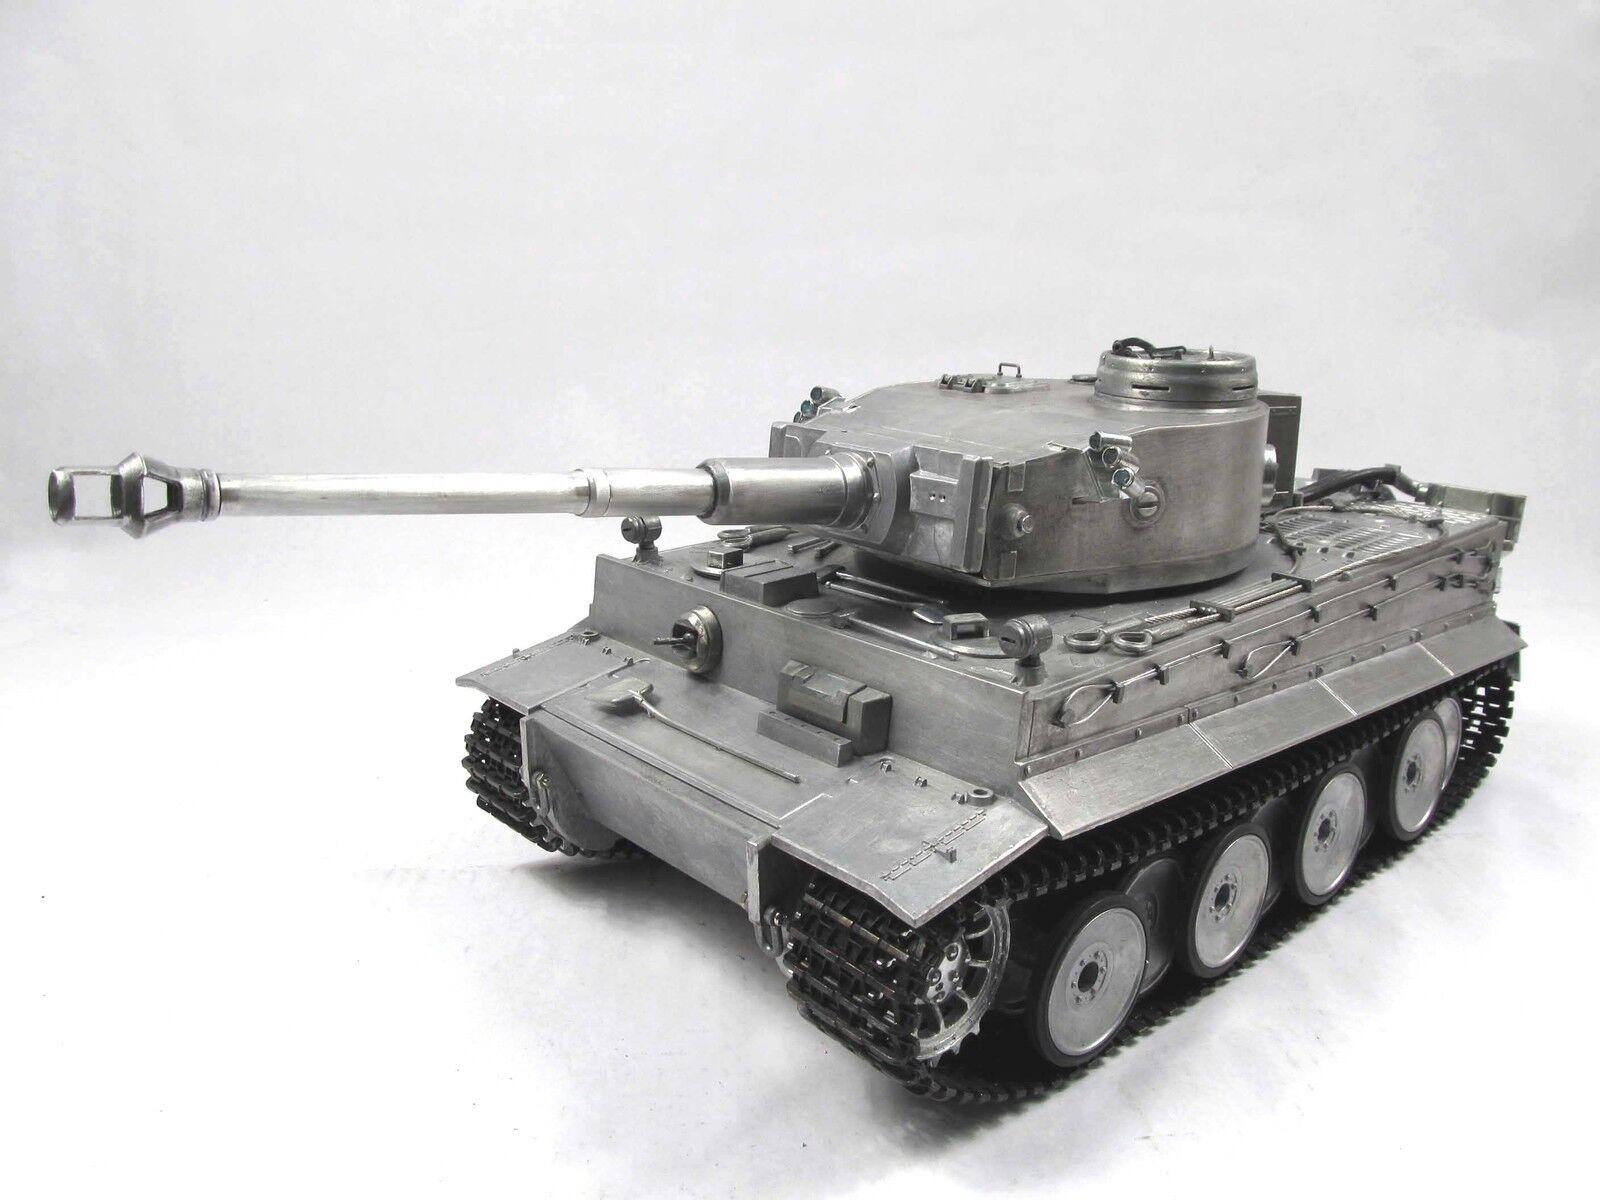 Mato  1 16 Scale tutti Metal Geruomo Tiger I RC RTR Tank modello Metal Coloree 1220  vendendo bene in tutto il mondo